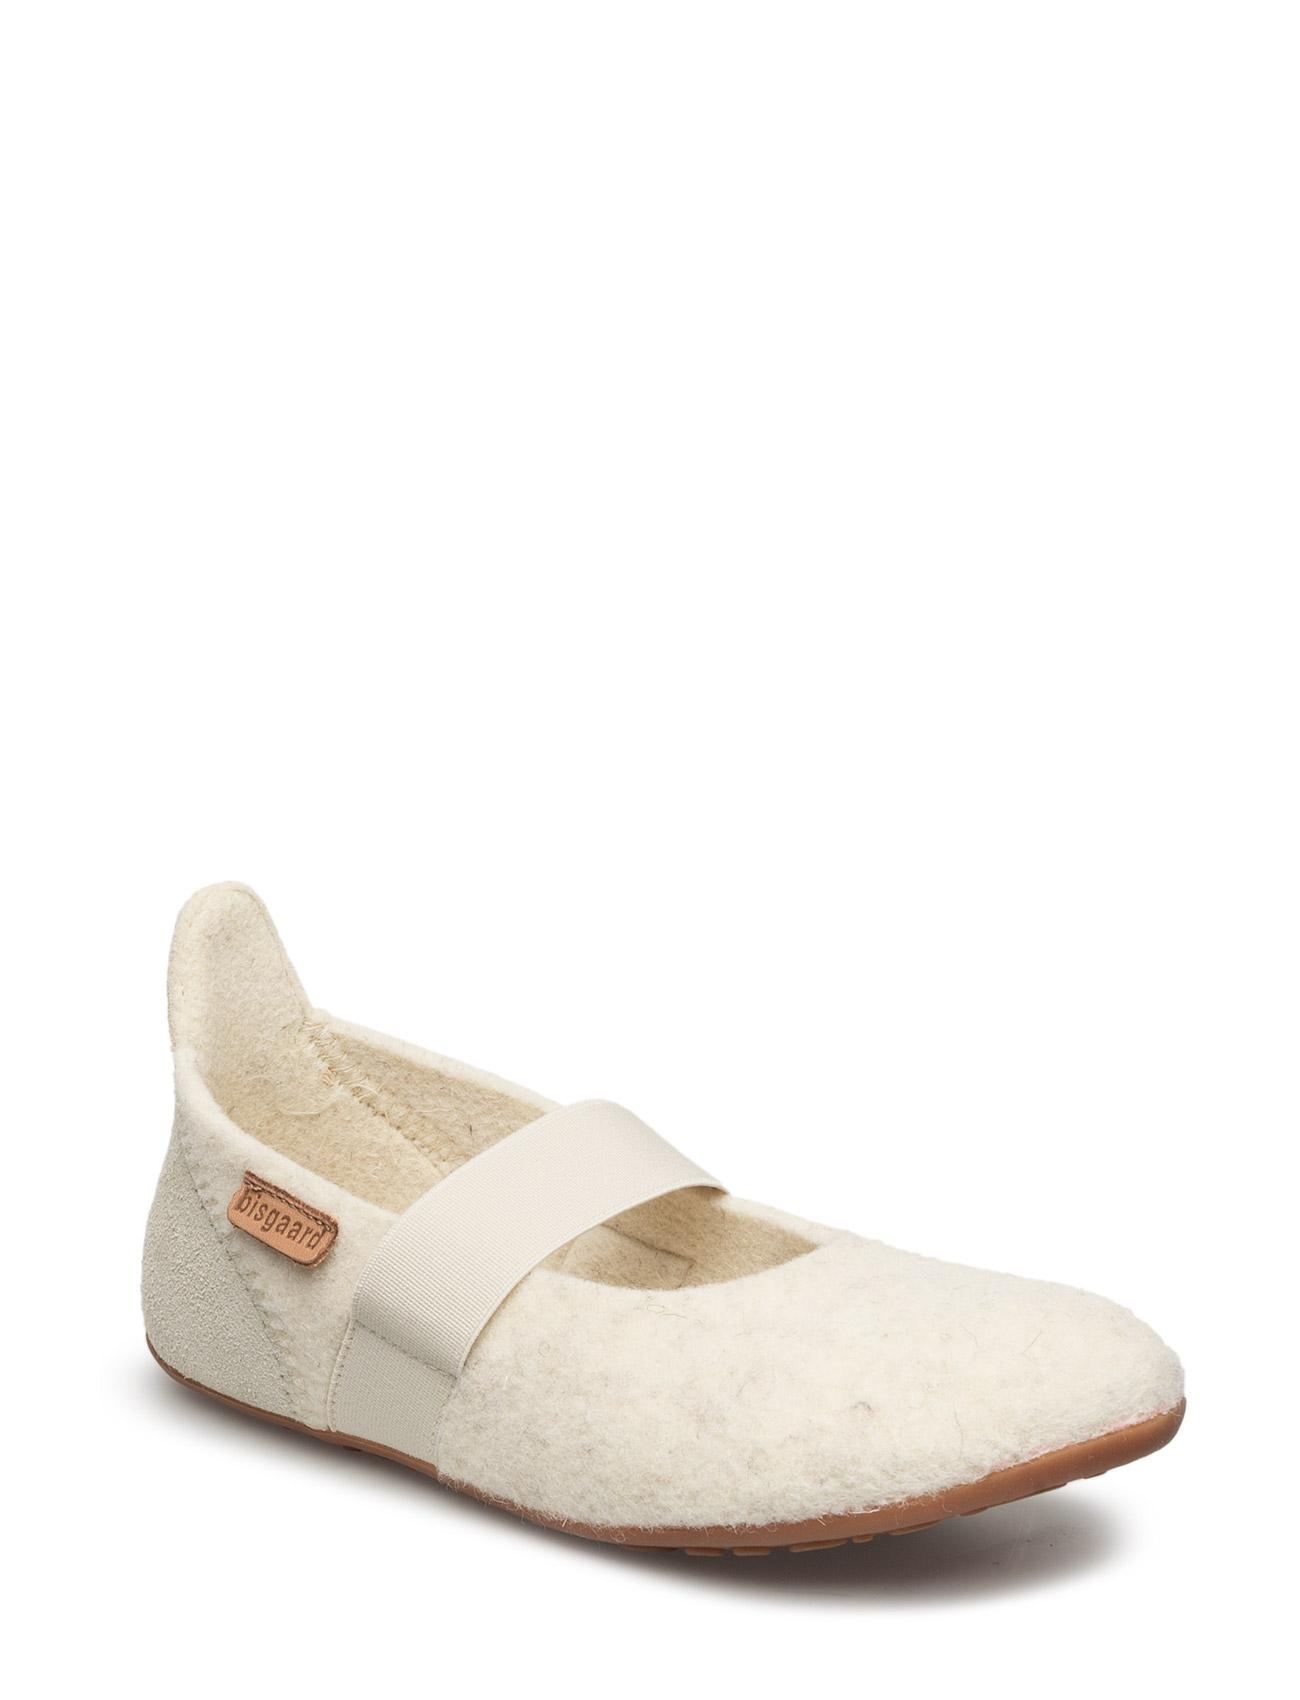 Home Shoe -  Wool Ballet Bisgaard Ballarinaer til Børn i